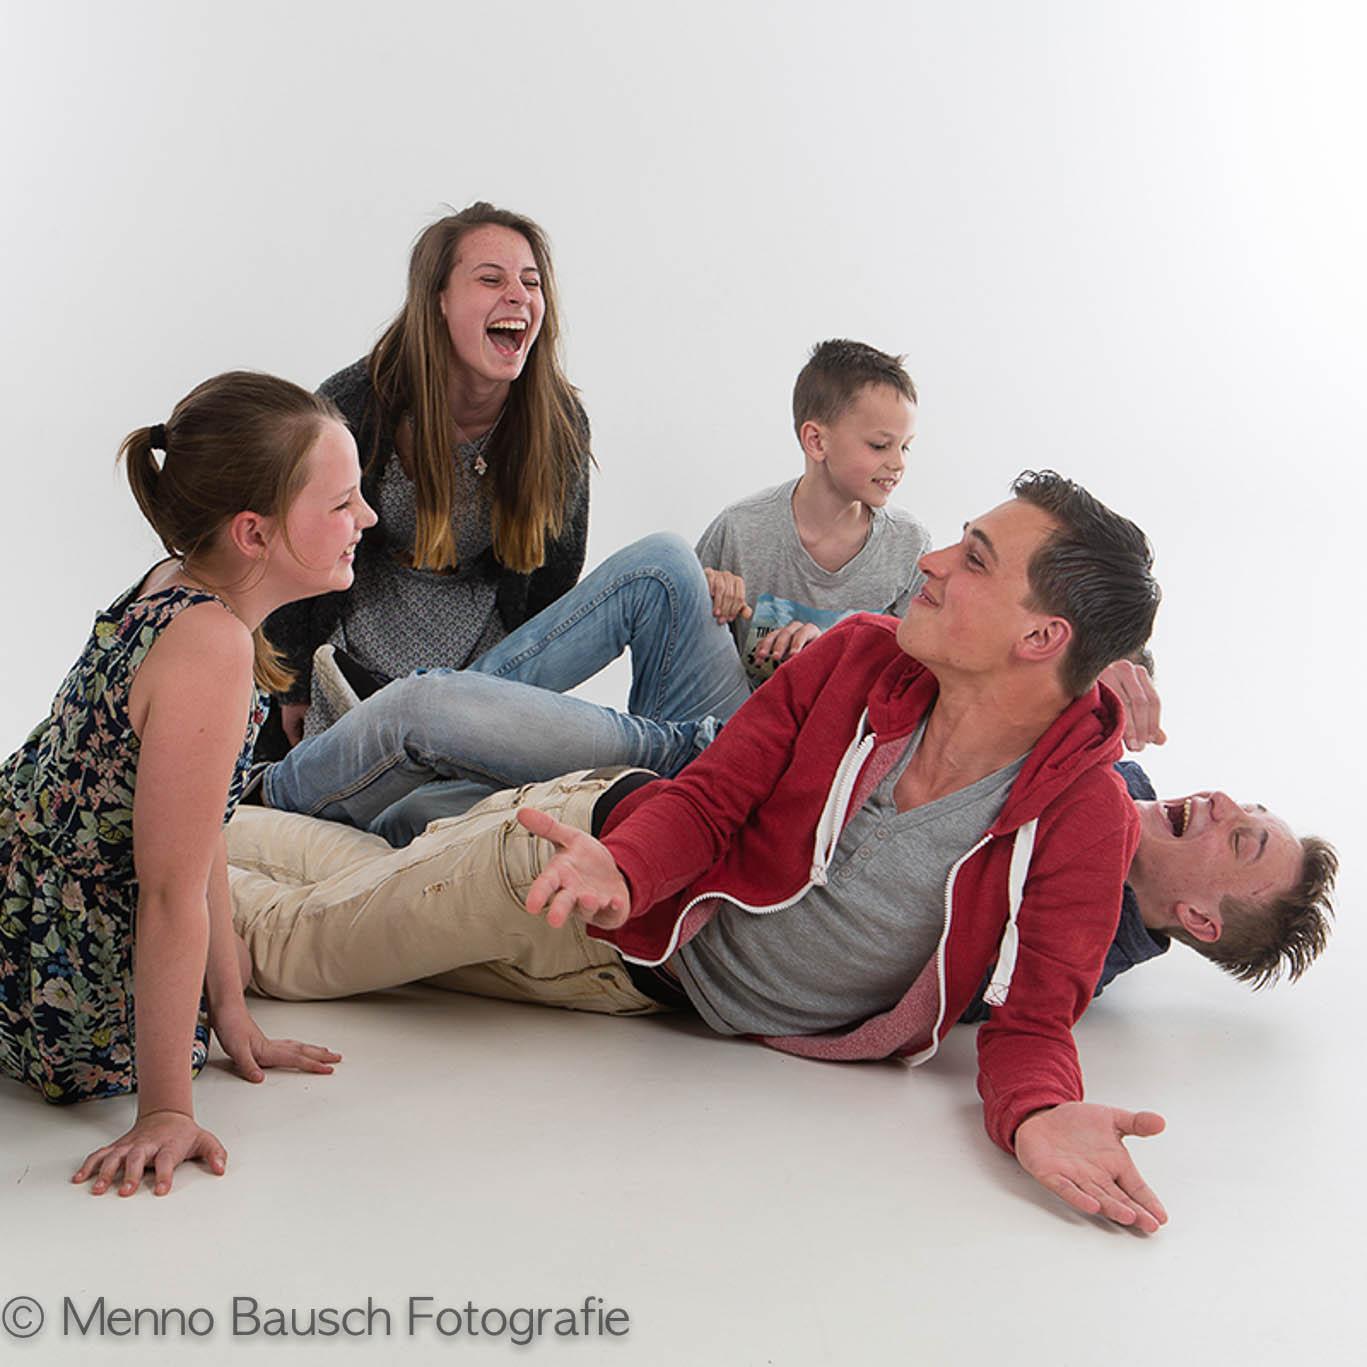 Menno Bausch Fotografie49